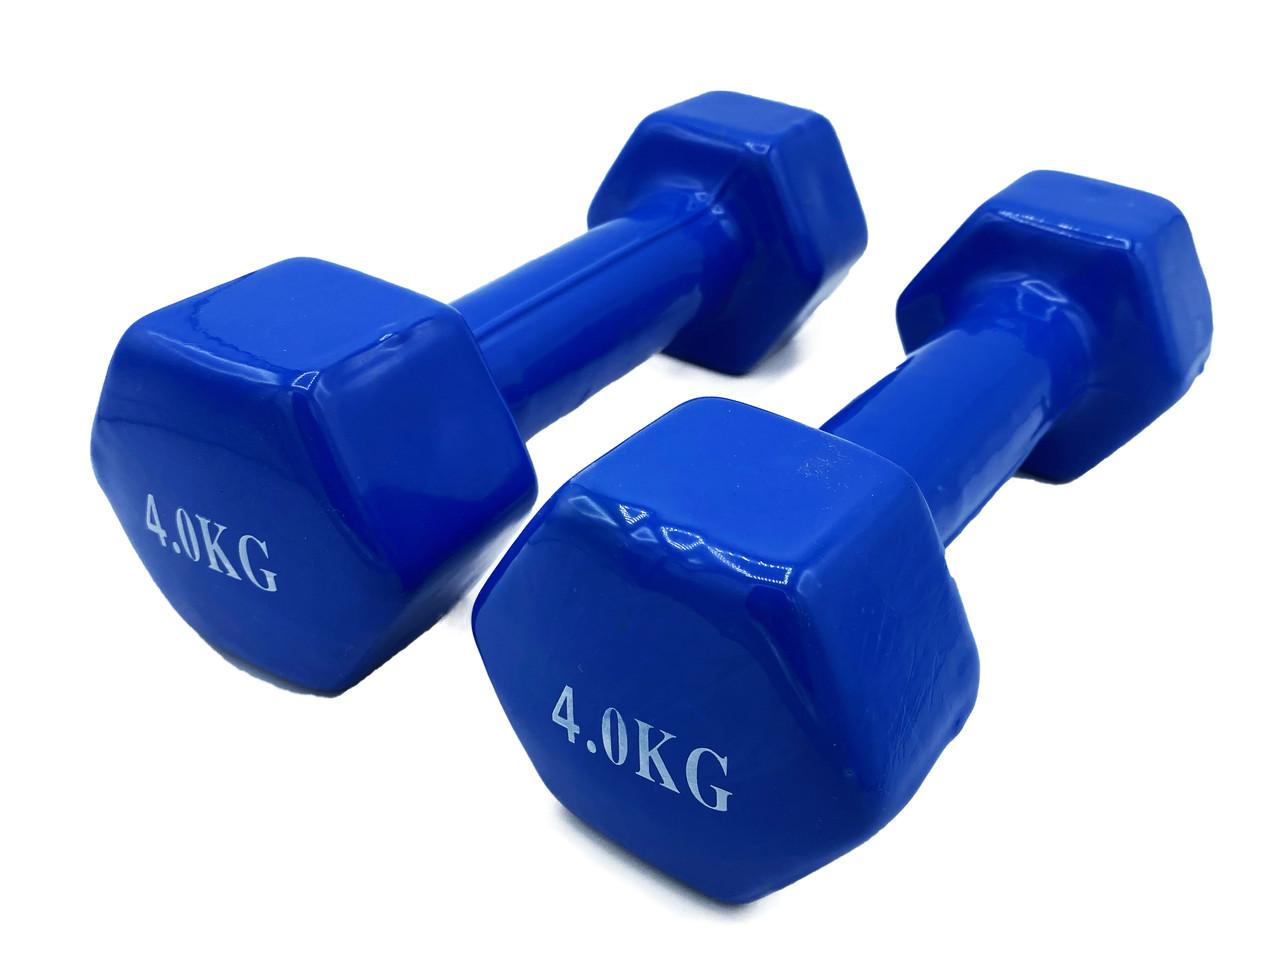 Гантели, пара по 4кг, общий вес 8кг, для фитнеса